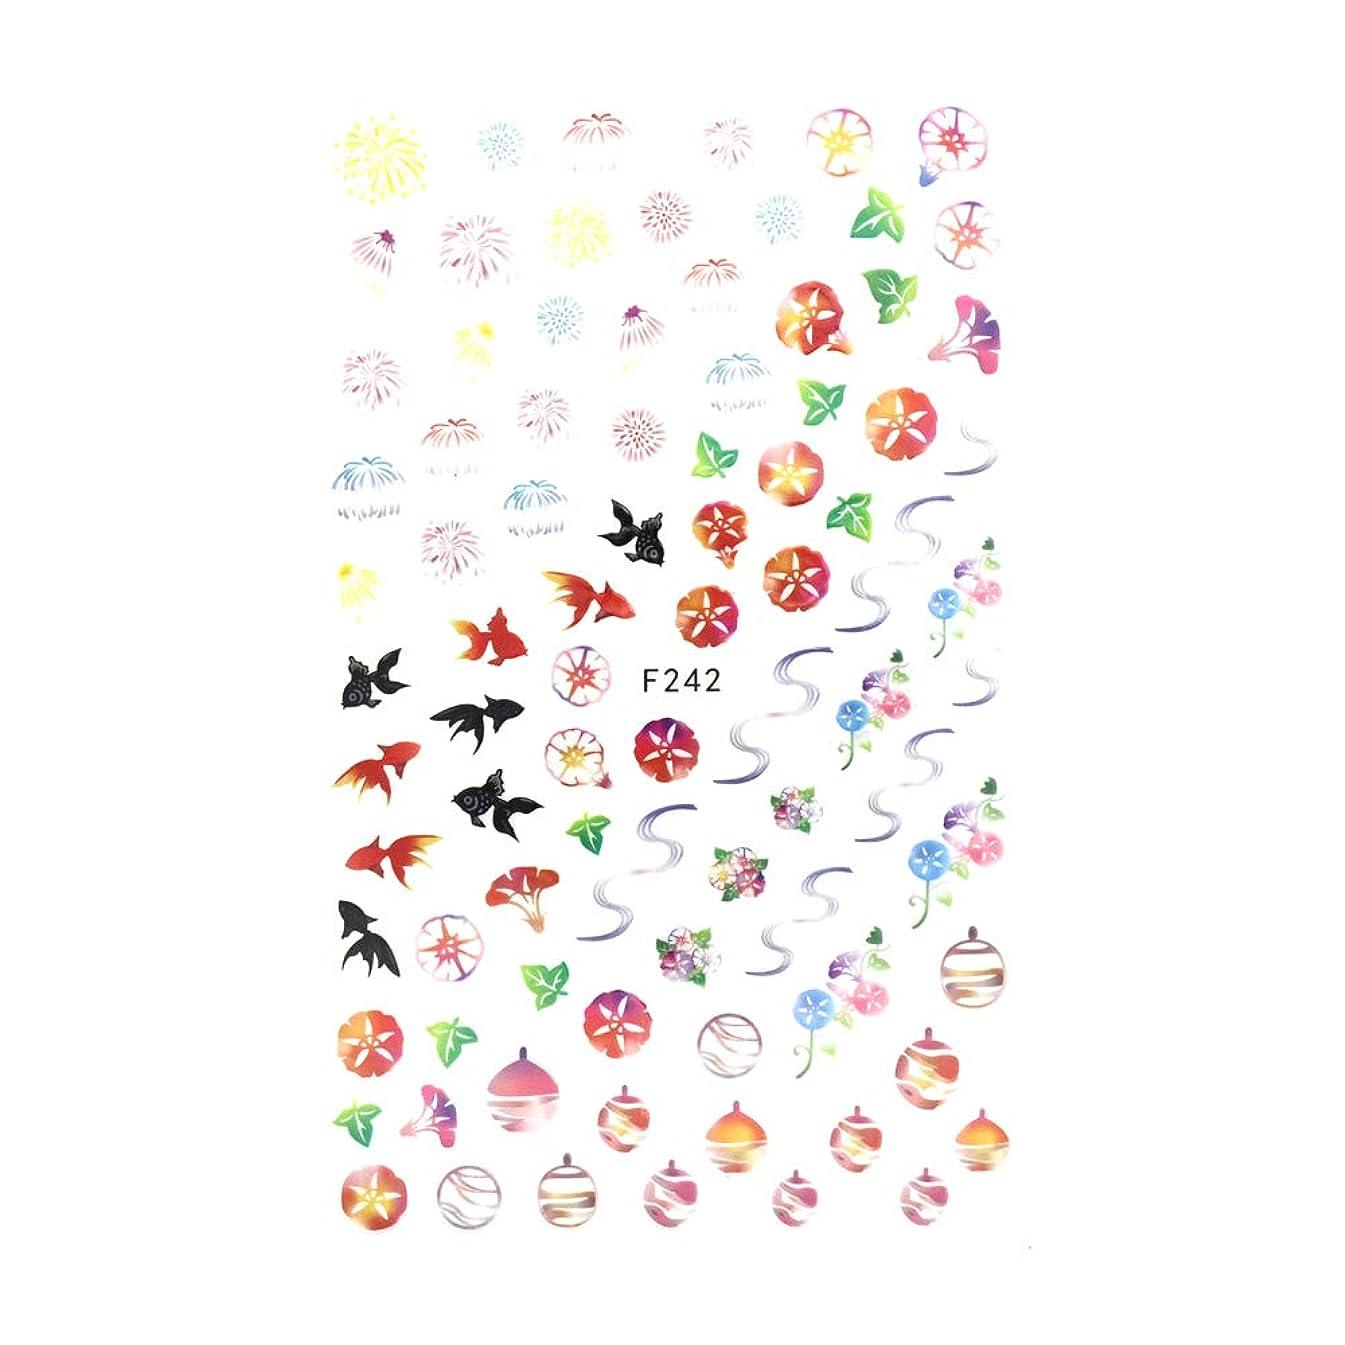 エンティティ地元解明するirogel イロジェル ネイルシール 和夏シール【F242】日本 風物詩 祭り 浴衣 花火 金魚